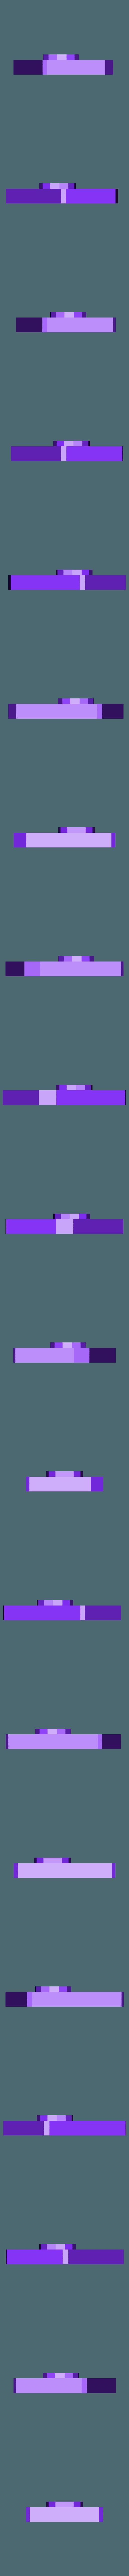 Printrbot_Multi_Laser.stl Télécharger fichier STL gratuit Printrbot Multi • Objet à imprimer en 3D, rushmere3d